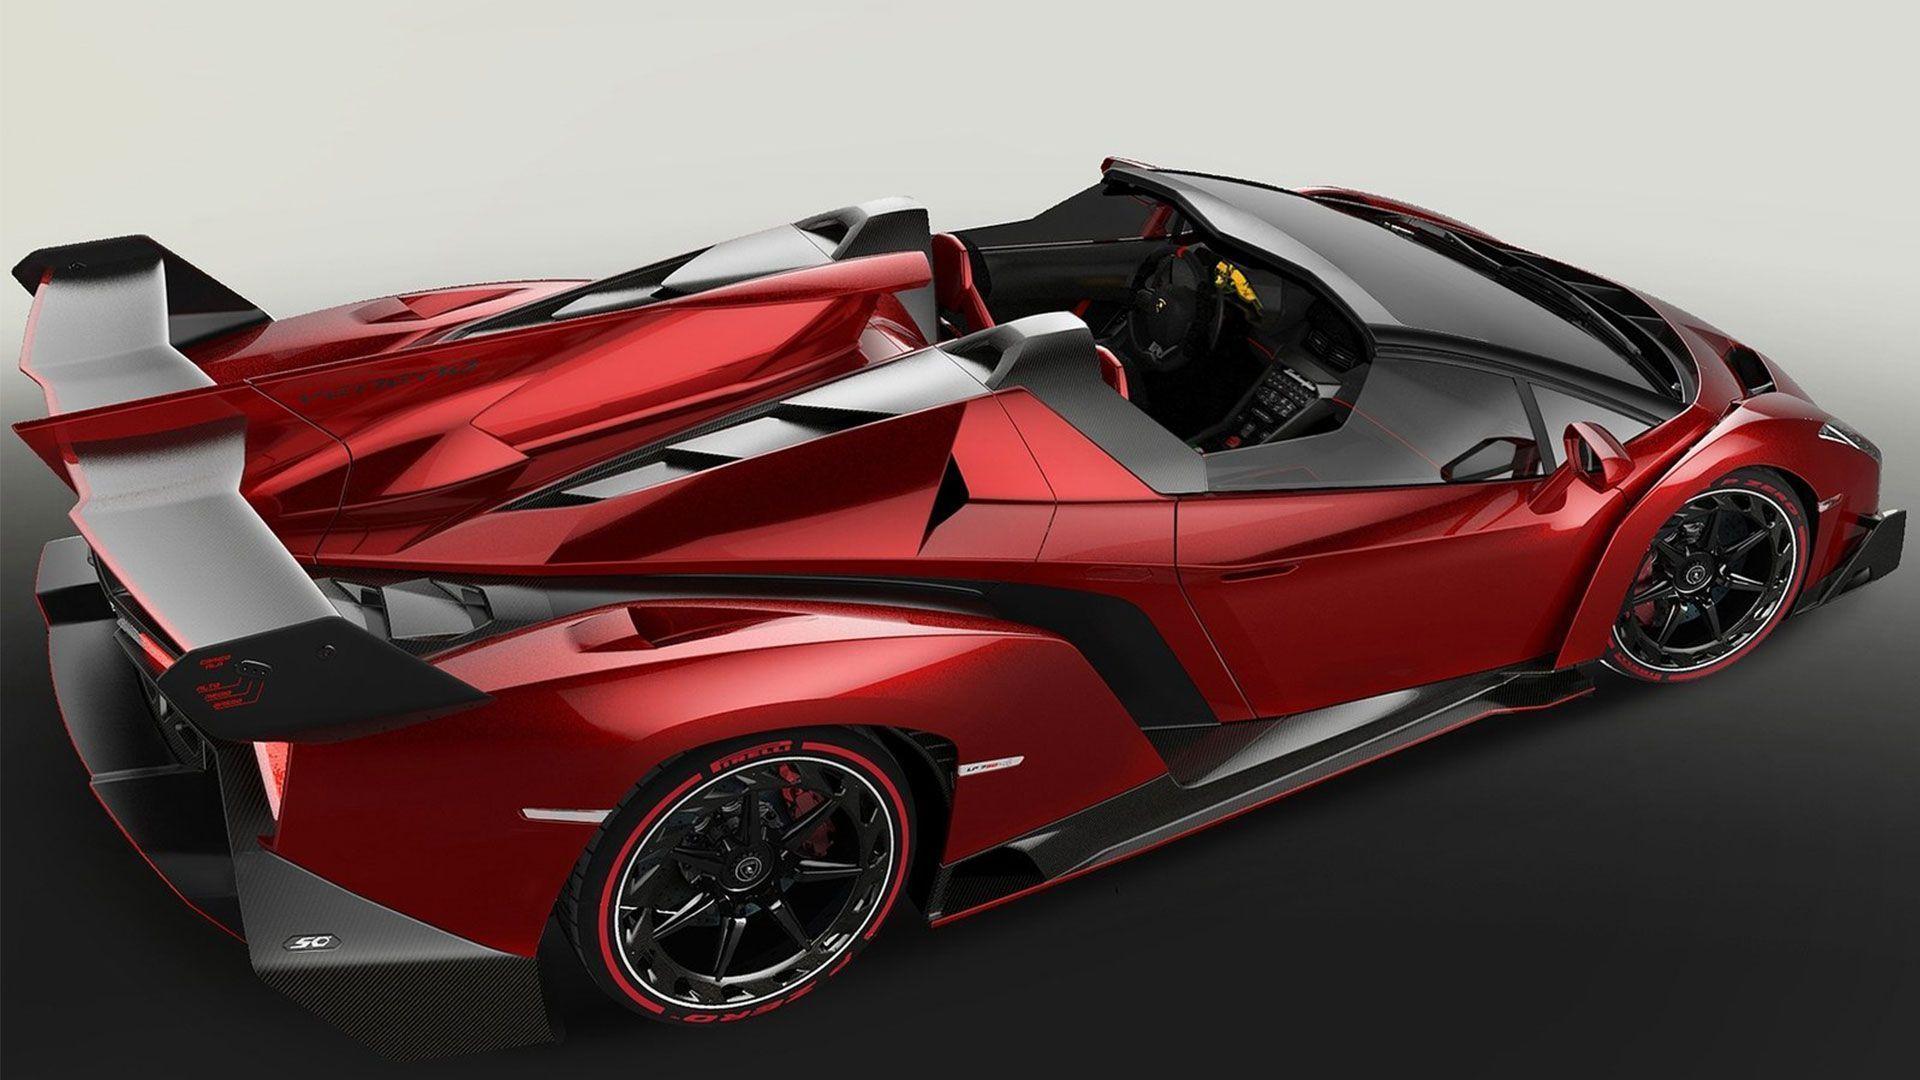 Charmant Lamborghini: Lamborghini Veneno Roadster 2 Et Maintenant, Lamborghini  Veneno Roadsteru2026 Moto